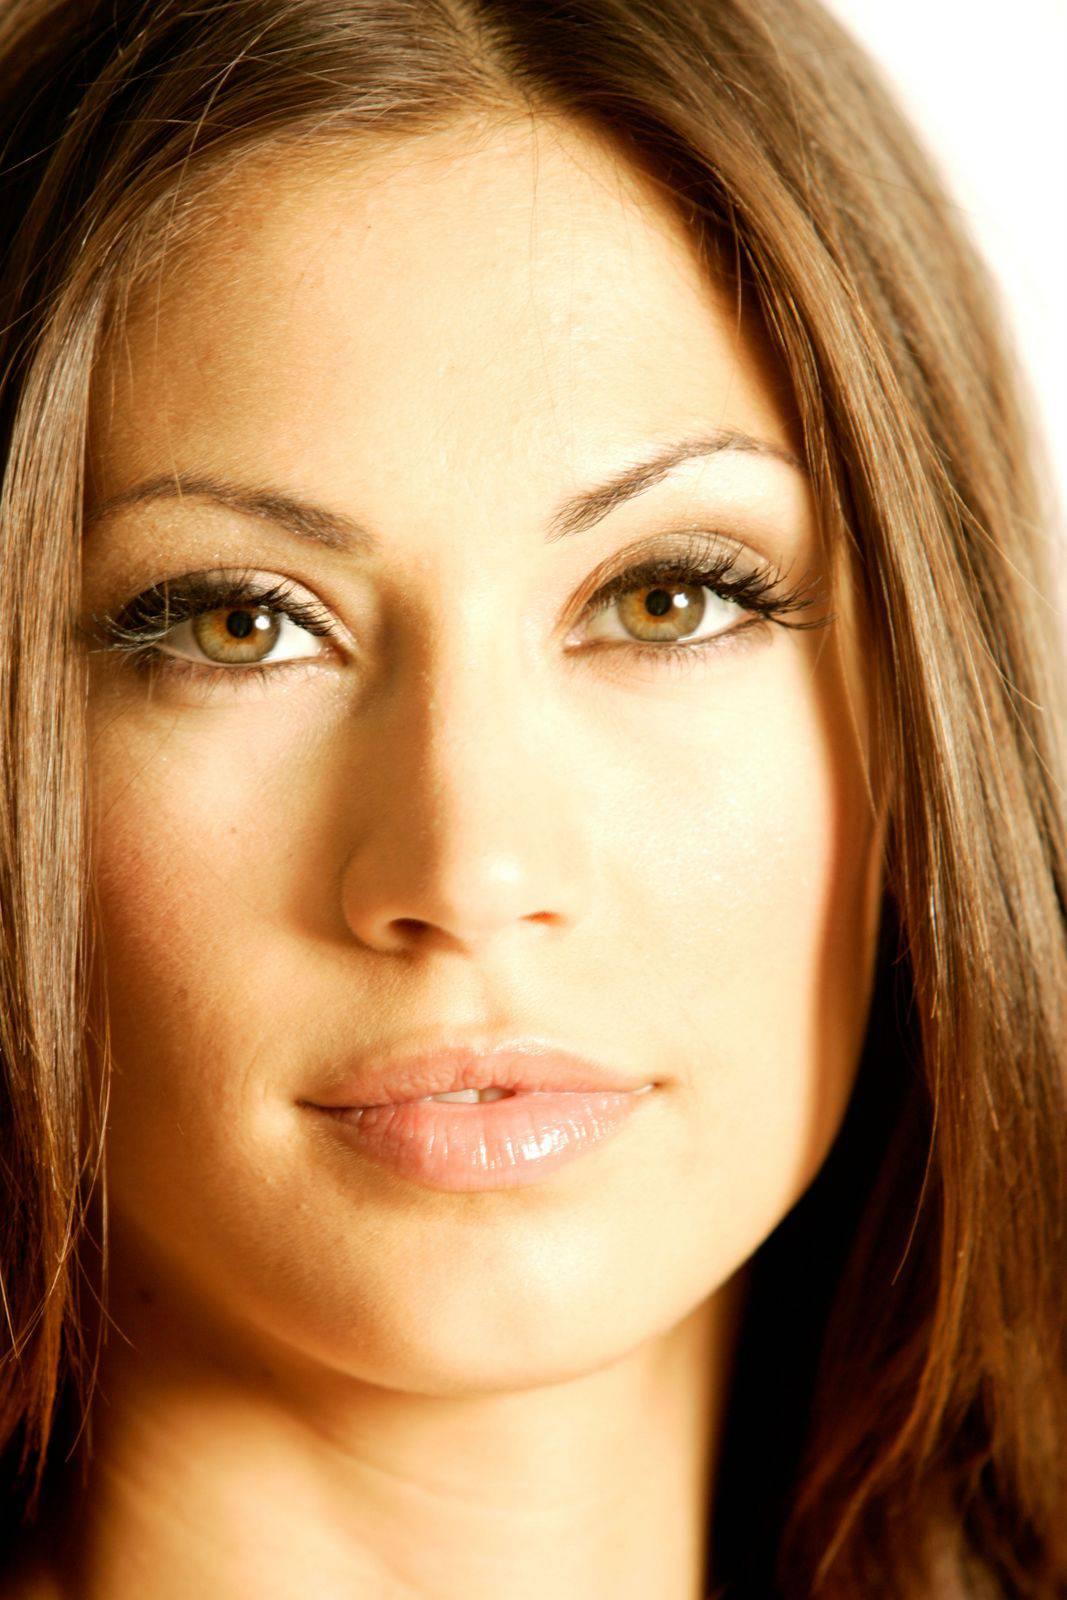 Aida yespica si fa toccare da cristiano malgioglio - 3 part 10